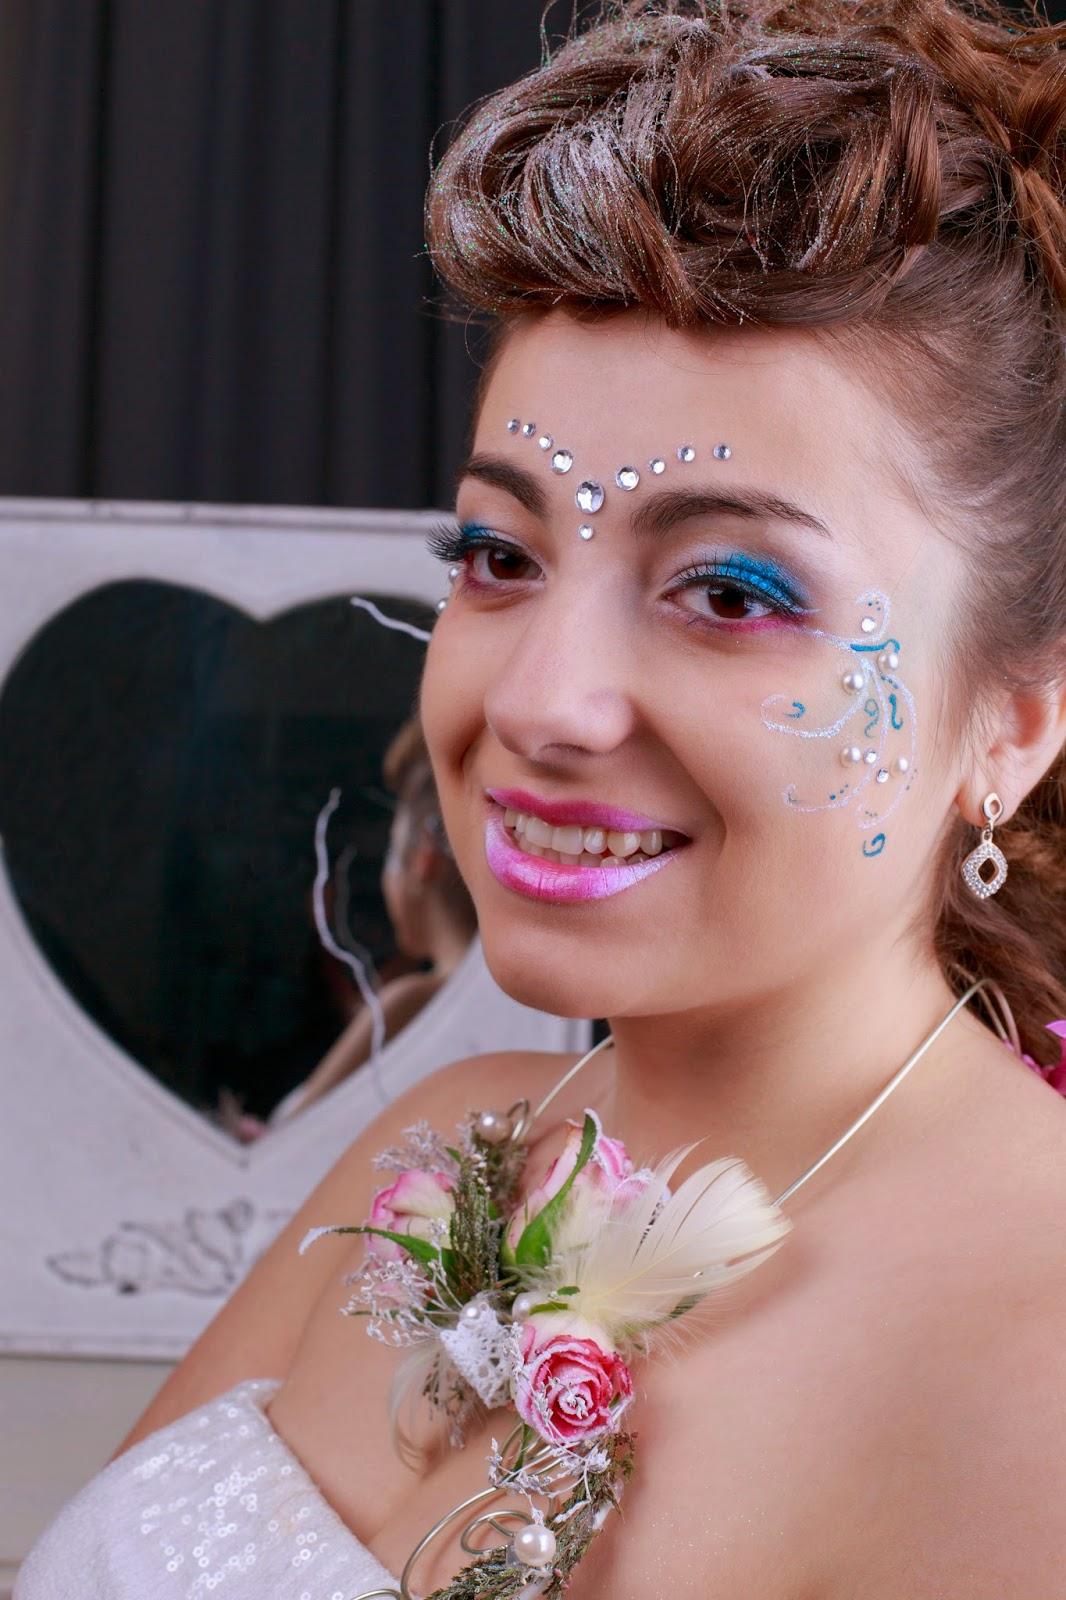 [180.] Sesja ślubna z makijażem fantazyjnym.